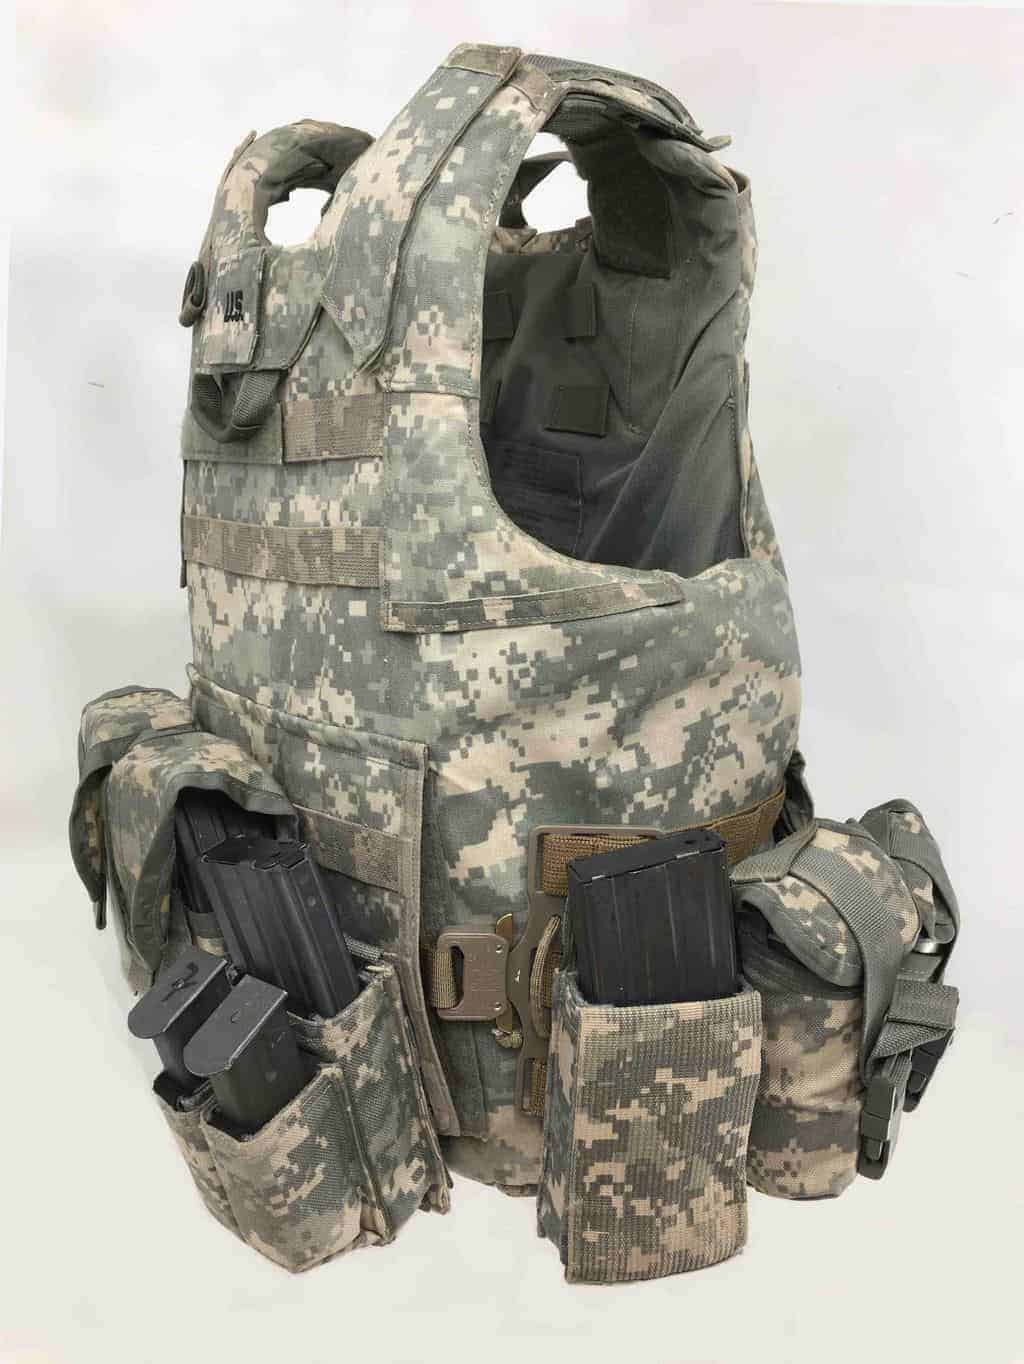 Frc Kit Iotv Arbor Arms Usa